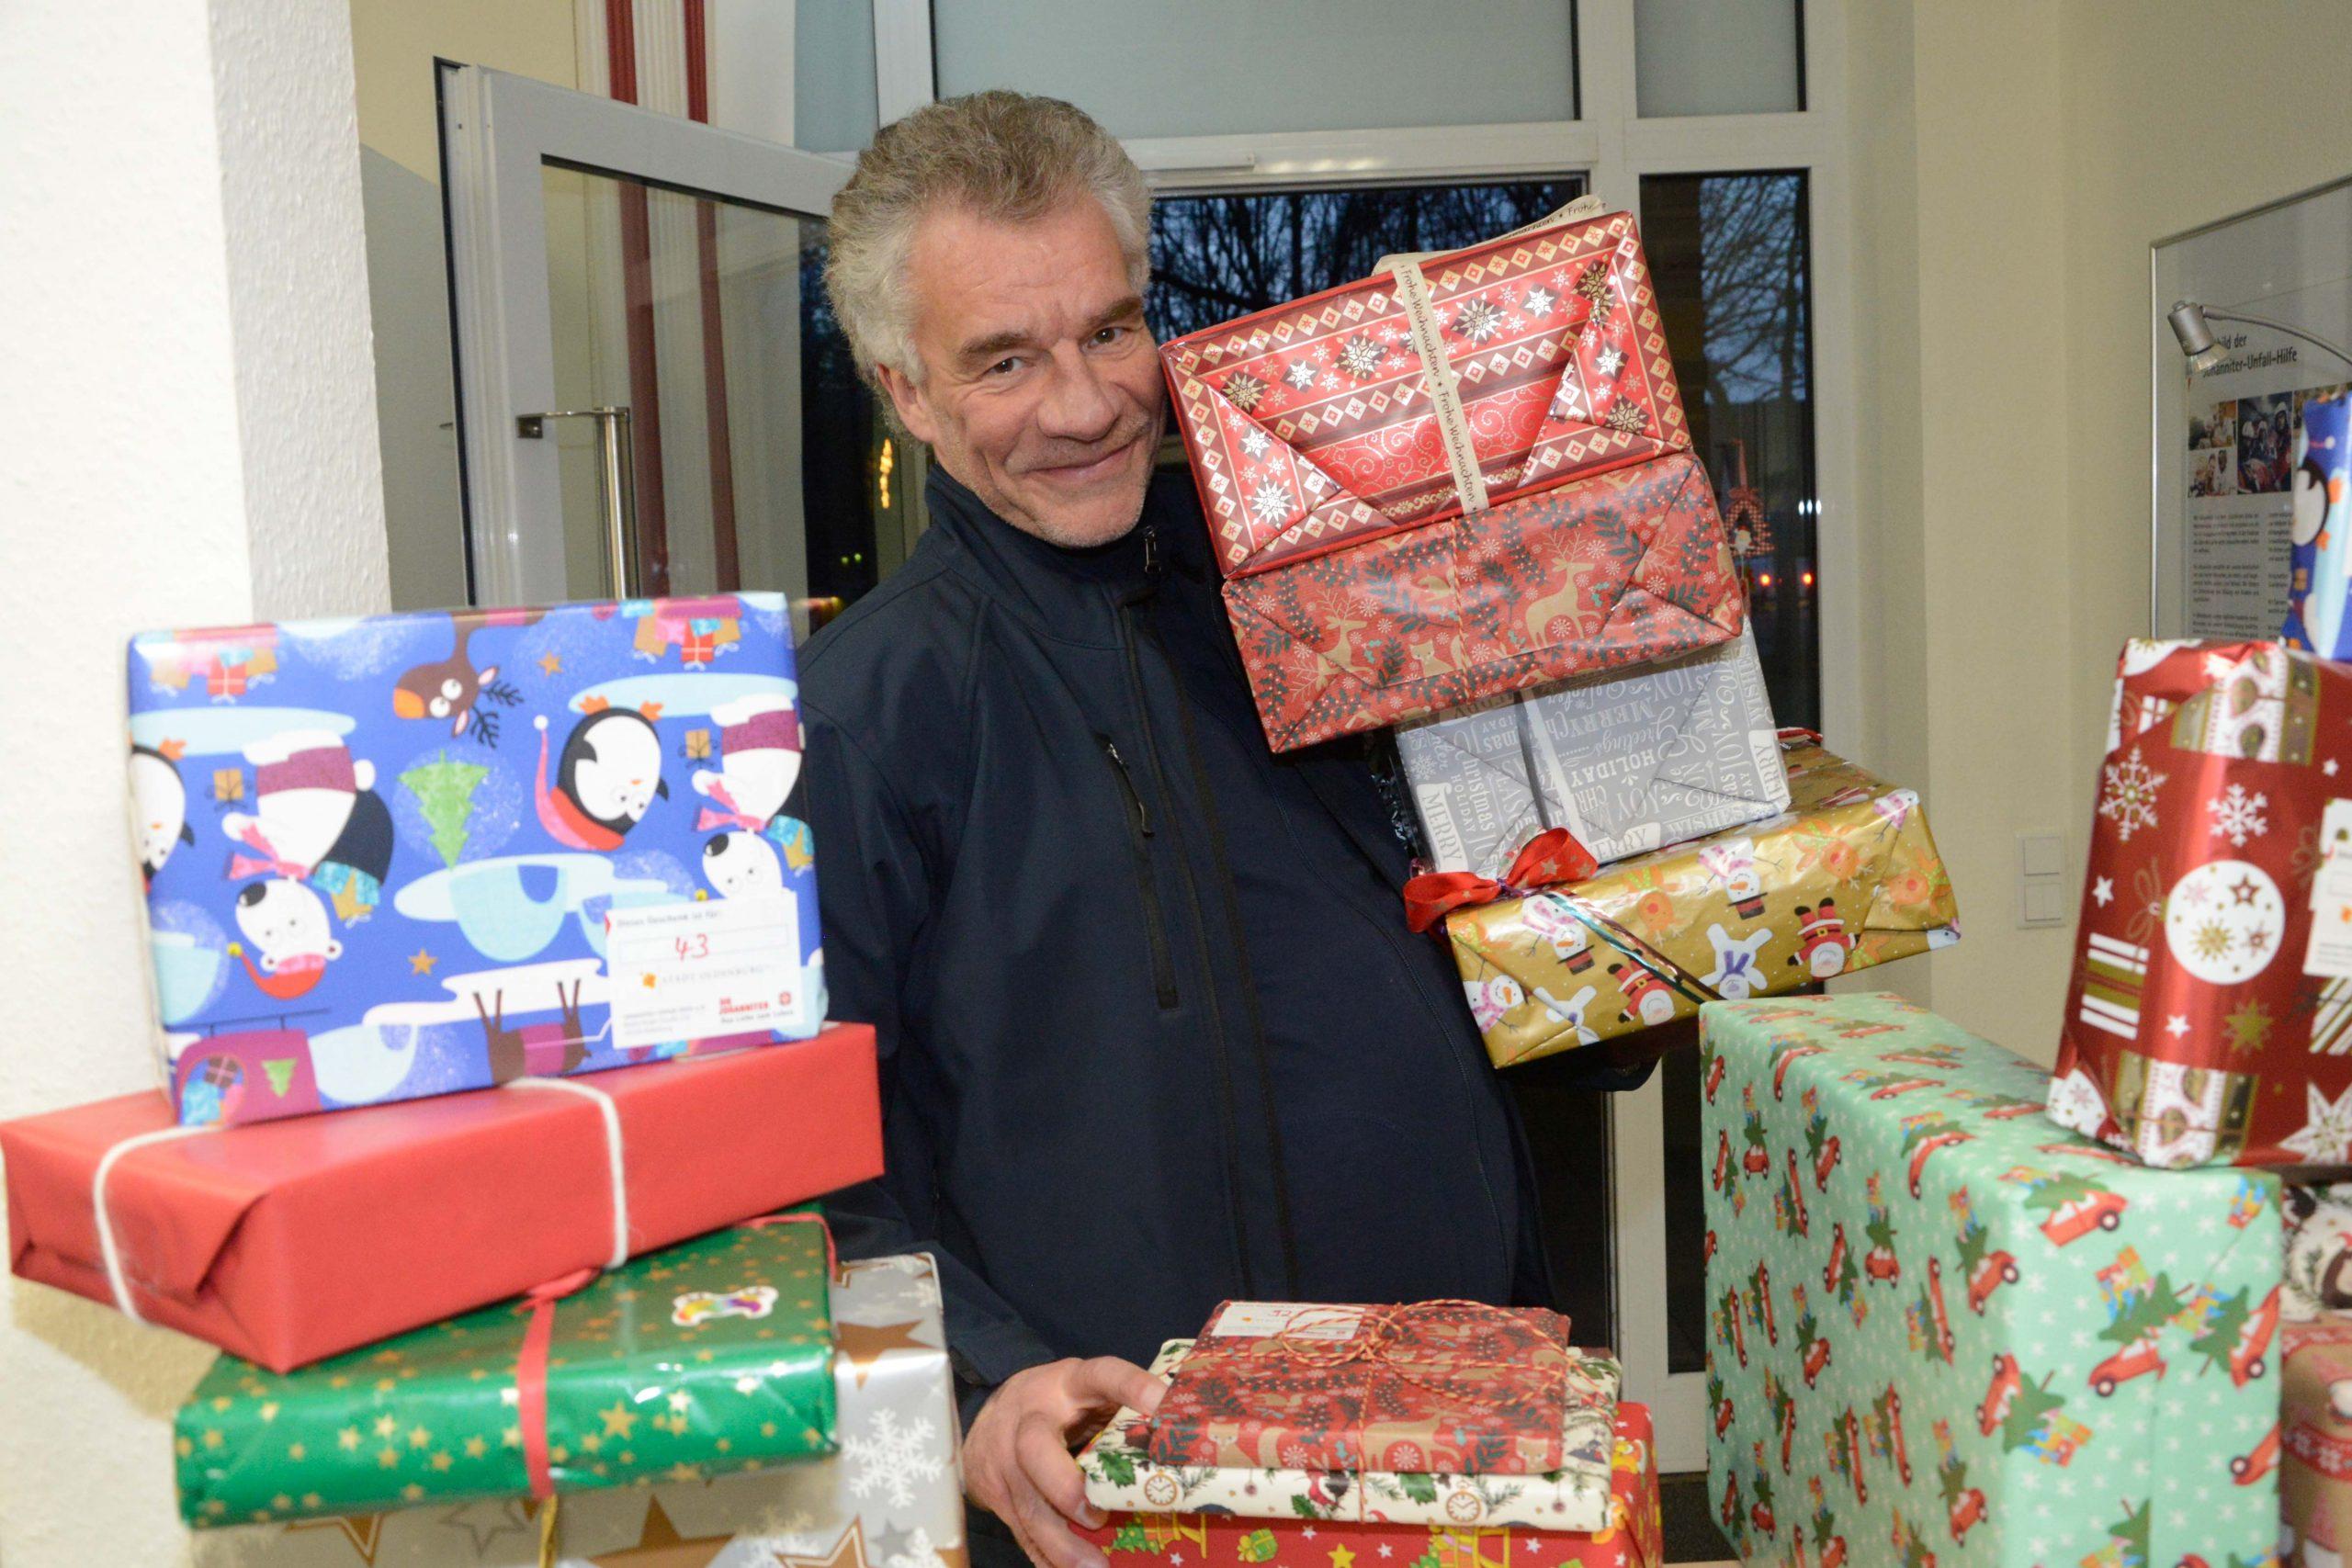 Der Wagen ist vollgeladen. Peter Hilbink von den Johannitern half den Mitarbeitenden des ASD der Stadt Oldenburg beim Verstauen der 608 Geschenke.